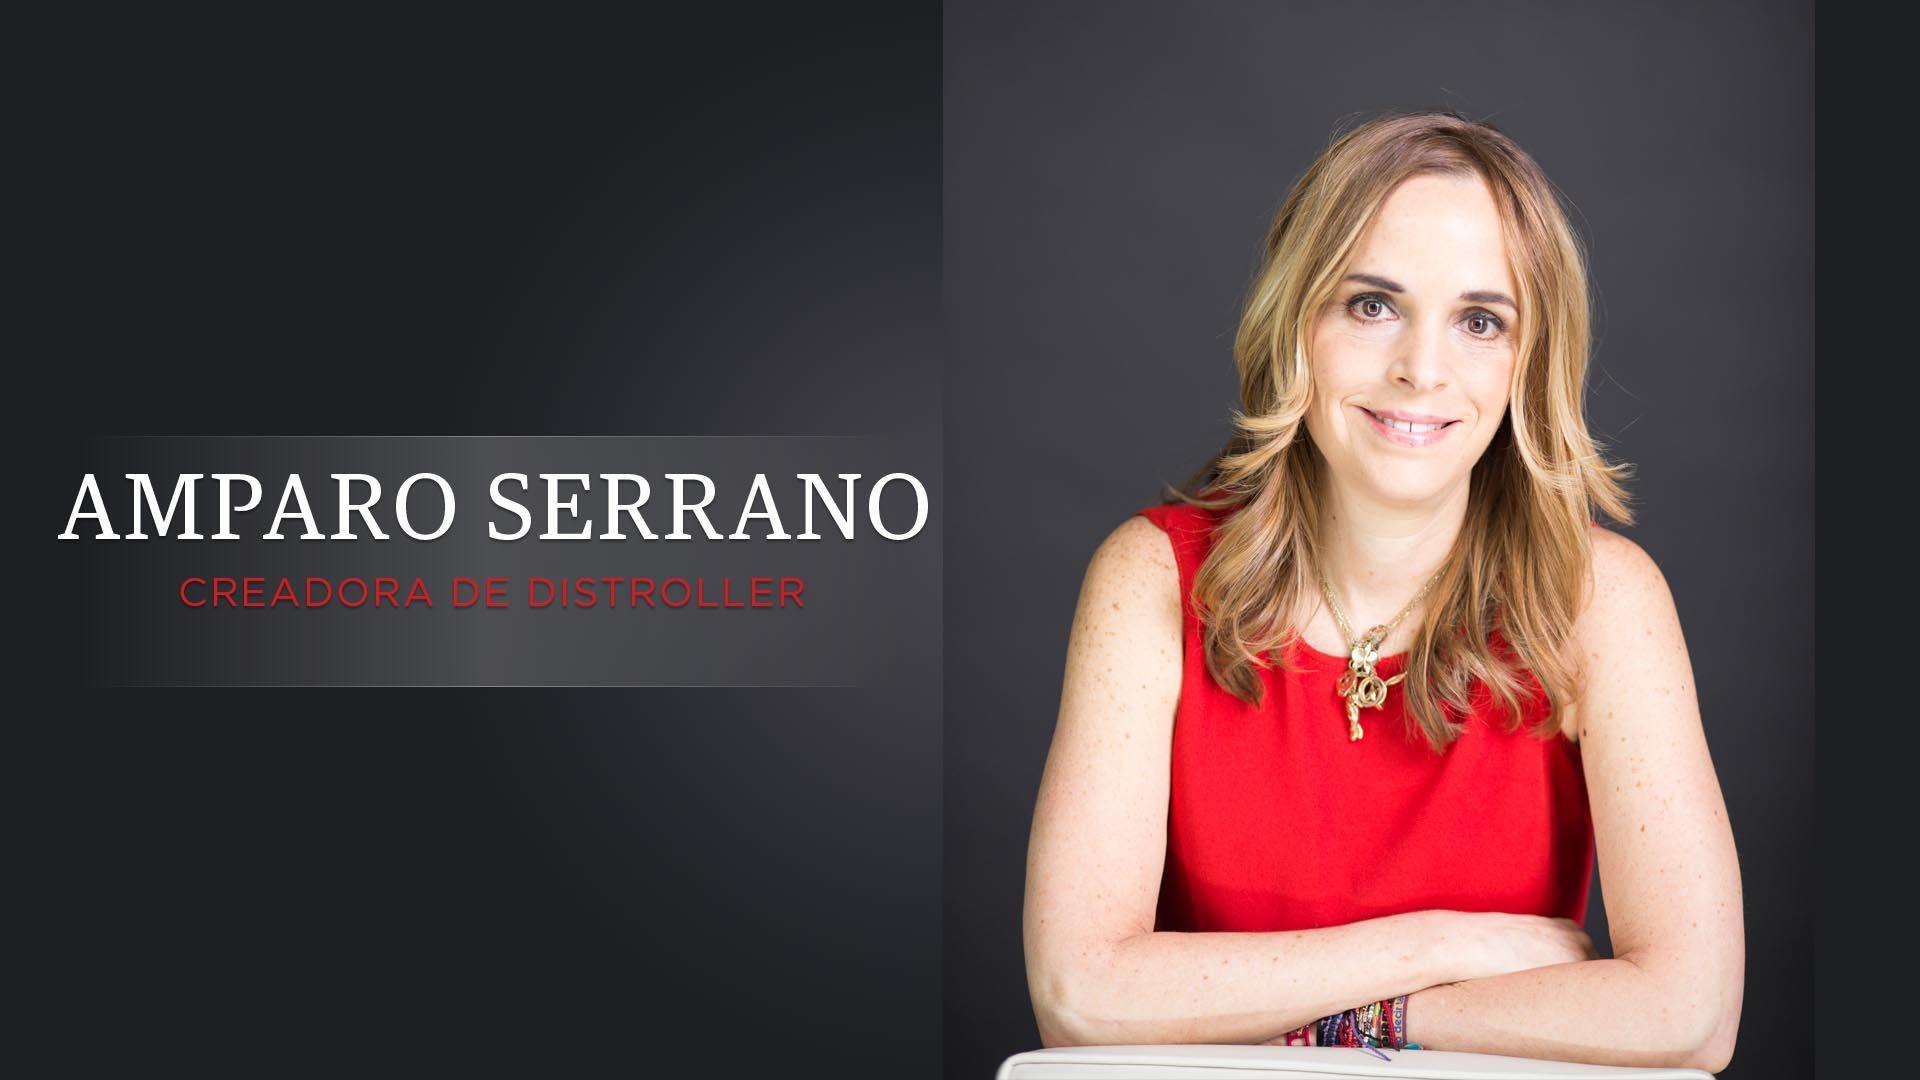 Forbes Mujeres poderosas 2015. Amparo Serrano